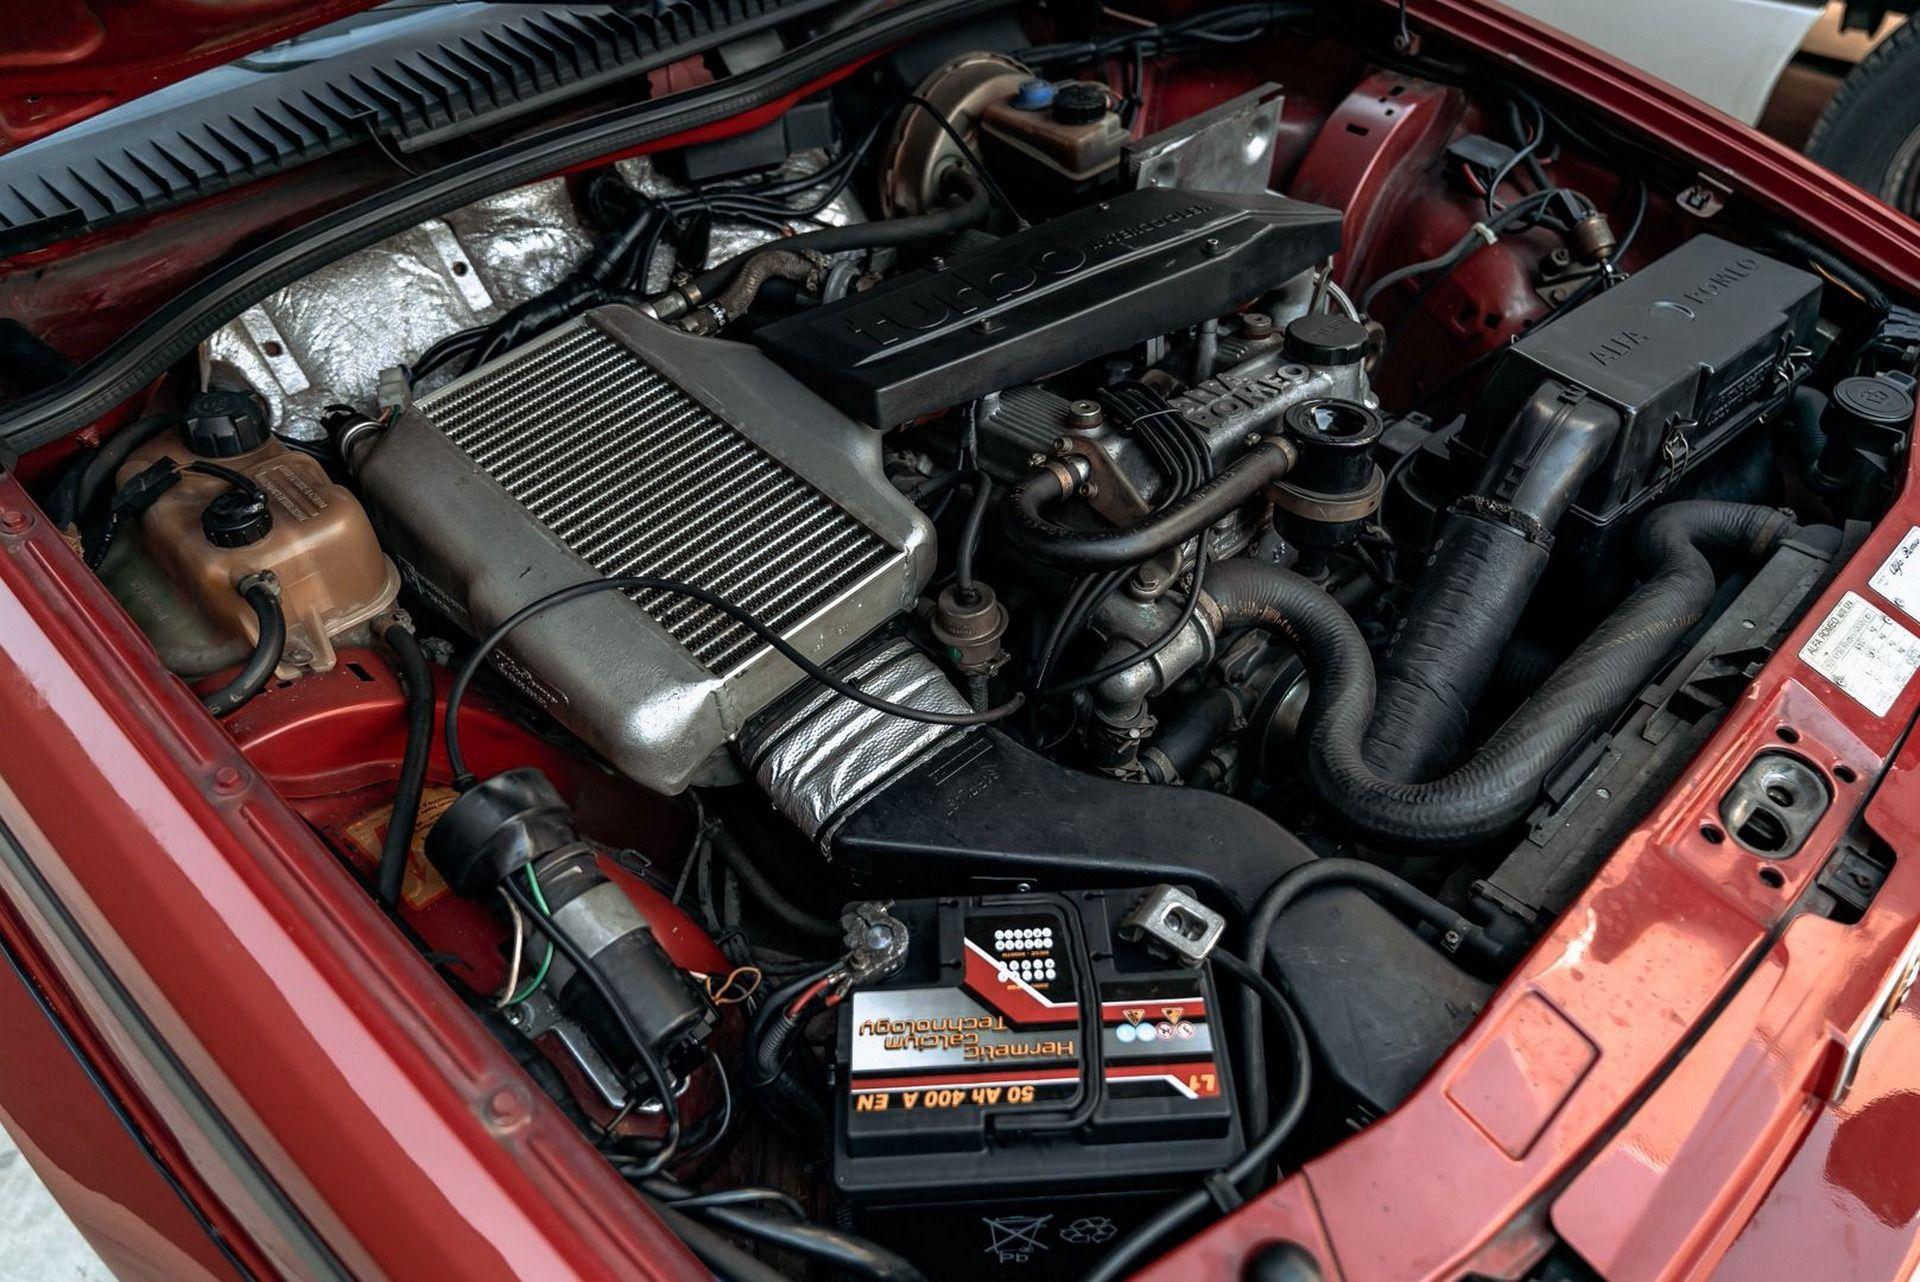 1987_Alfa_Romeo_75_Turbo_Evoluzione_sale-0002